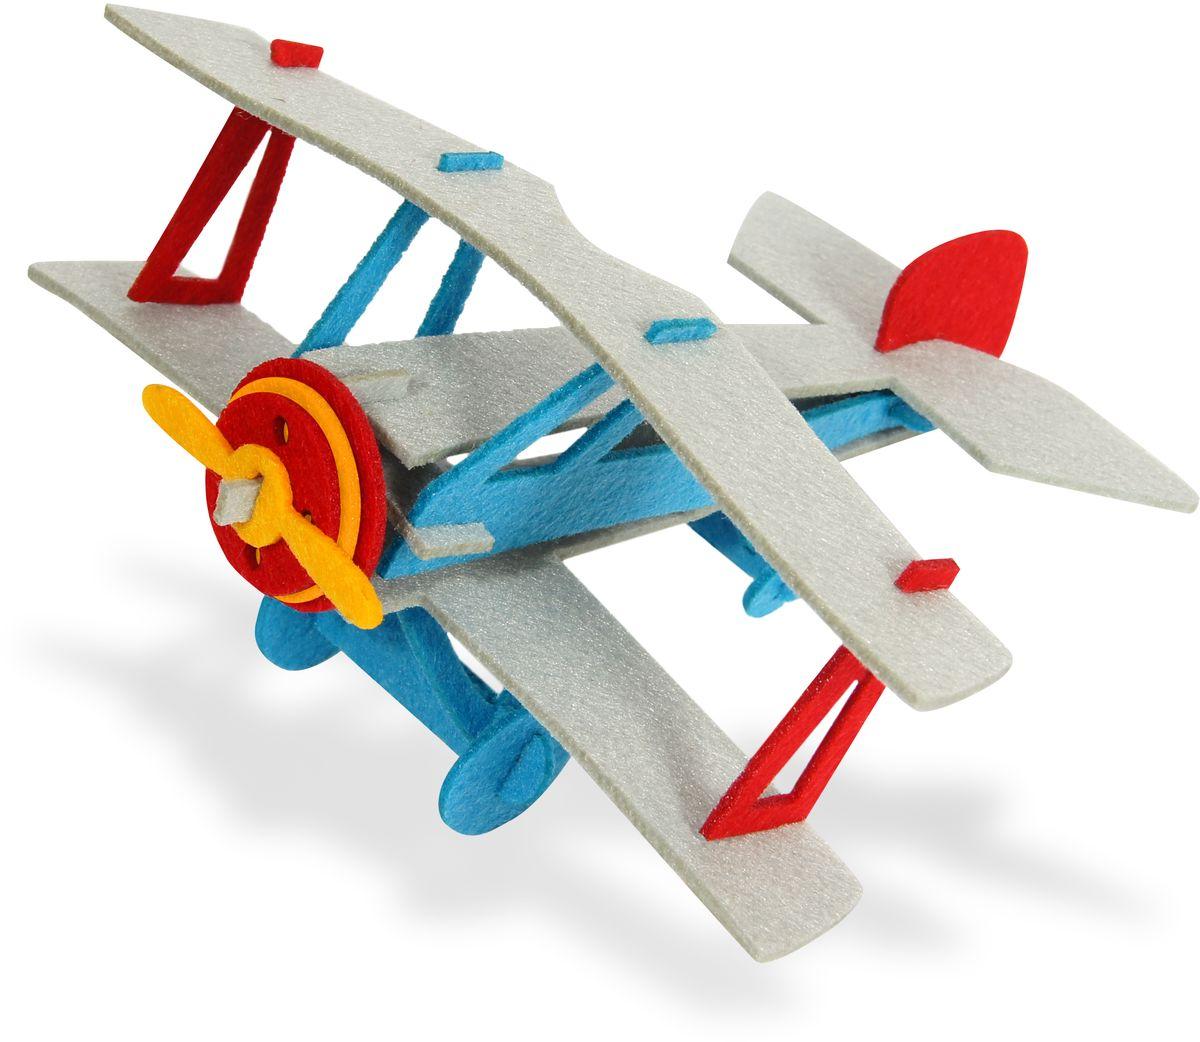 Feltrica Набор для 3D моделирования Самолет4627130653225Набор для 3D моделирования Feltrica Самолет - прекрасный набор для игры и совместного творчества детей и их родителей. В наборе есть все элементы для создания модели, ребенок почувствует себя настоящим авиаконструктором. Прекрасный дидактический материал для развивающих студий и организации обучающих игр в компании детей. Материал: фетр. Набор состоит из 26 элементов.